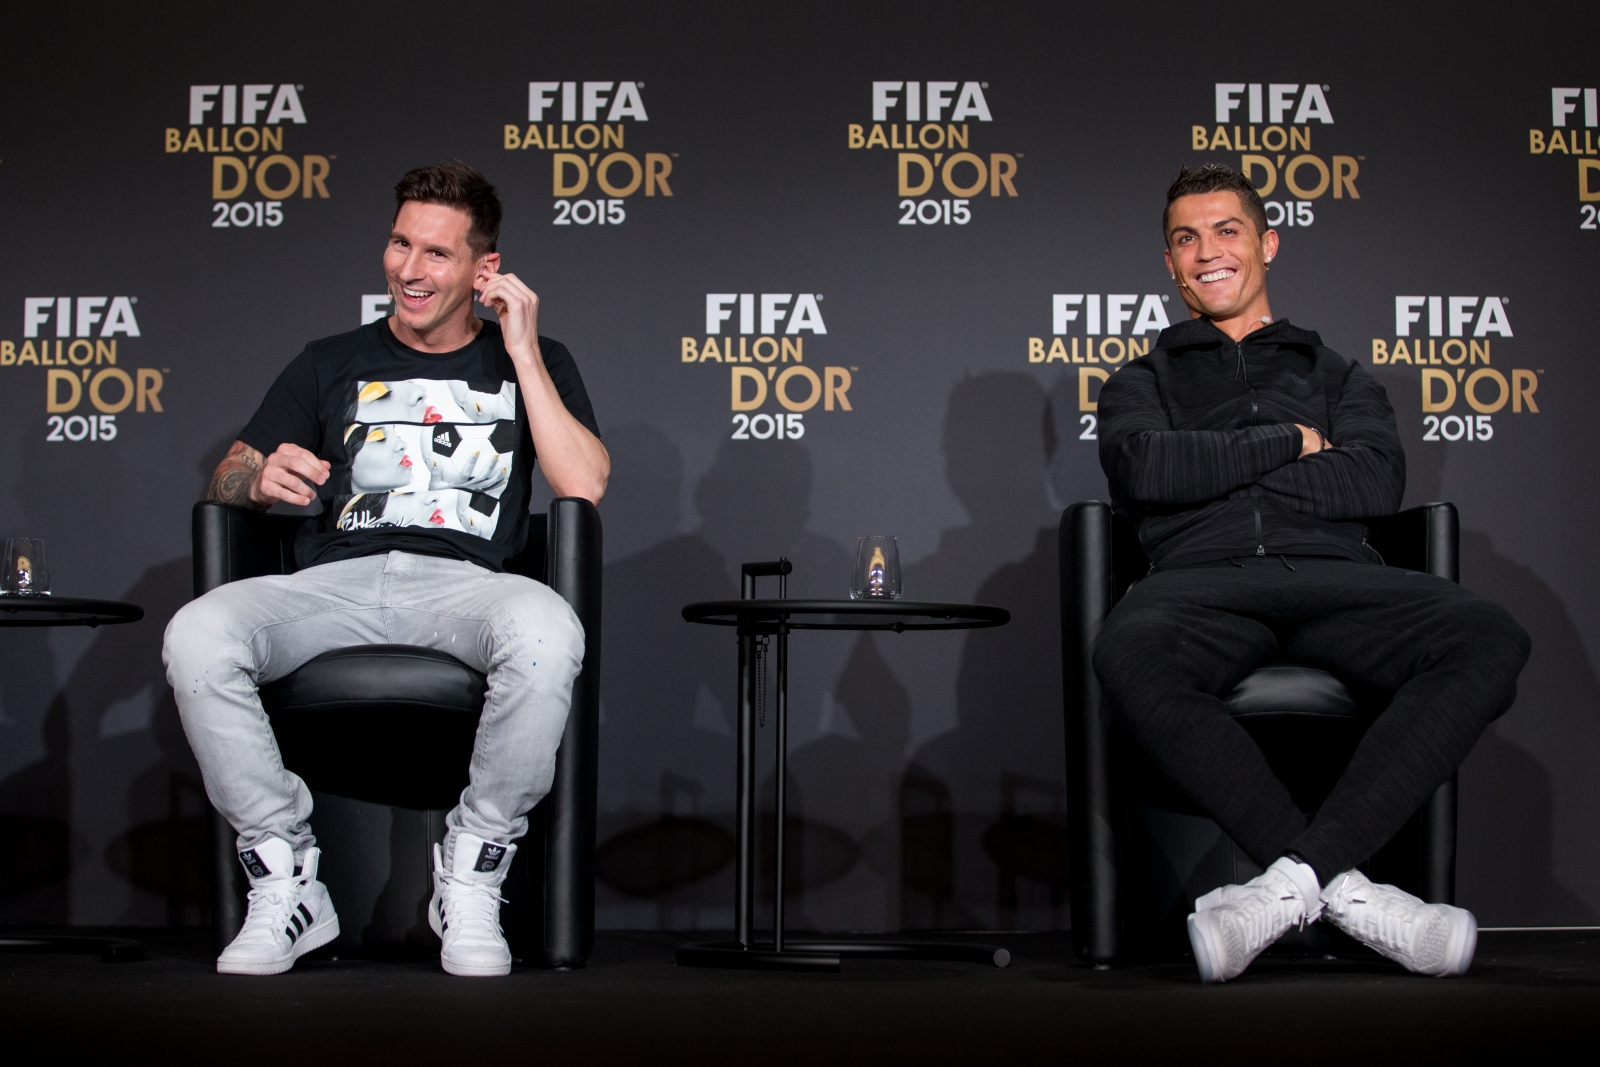 2016 Ballon DOr Why Lionel Messi And Cristiano Ronaldo Should Not Win